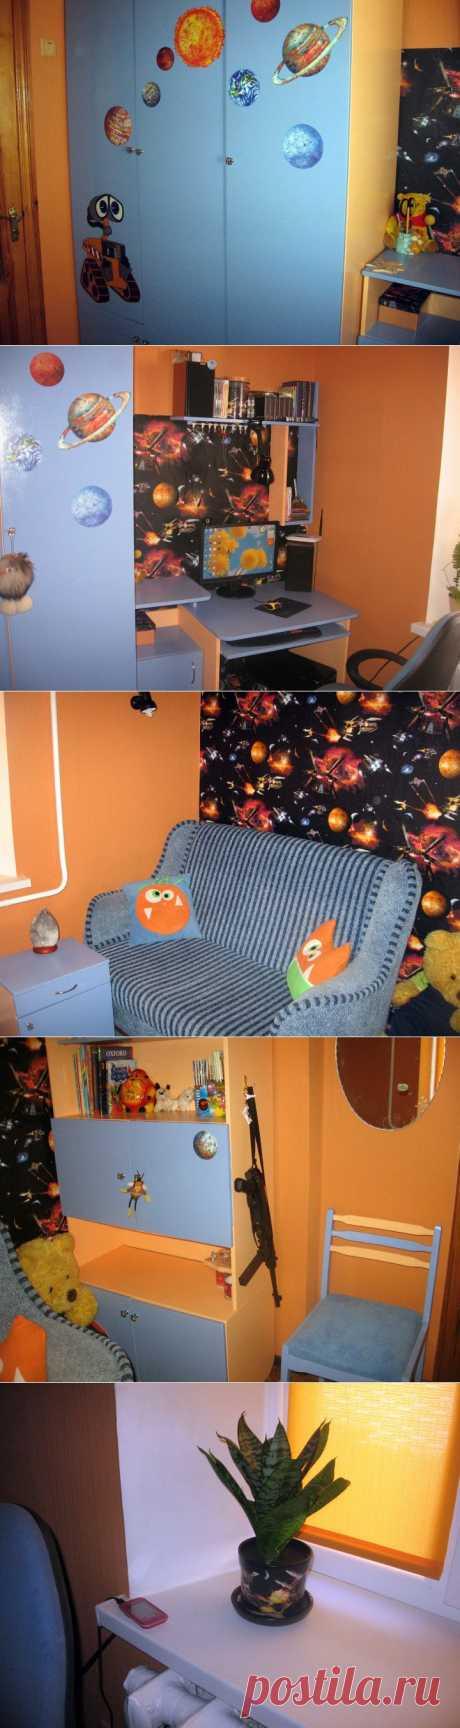 обновление мебели | Своими руками